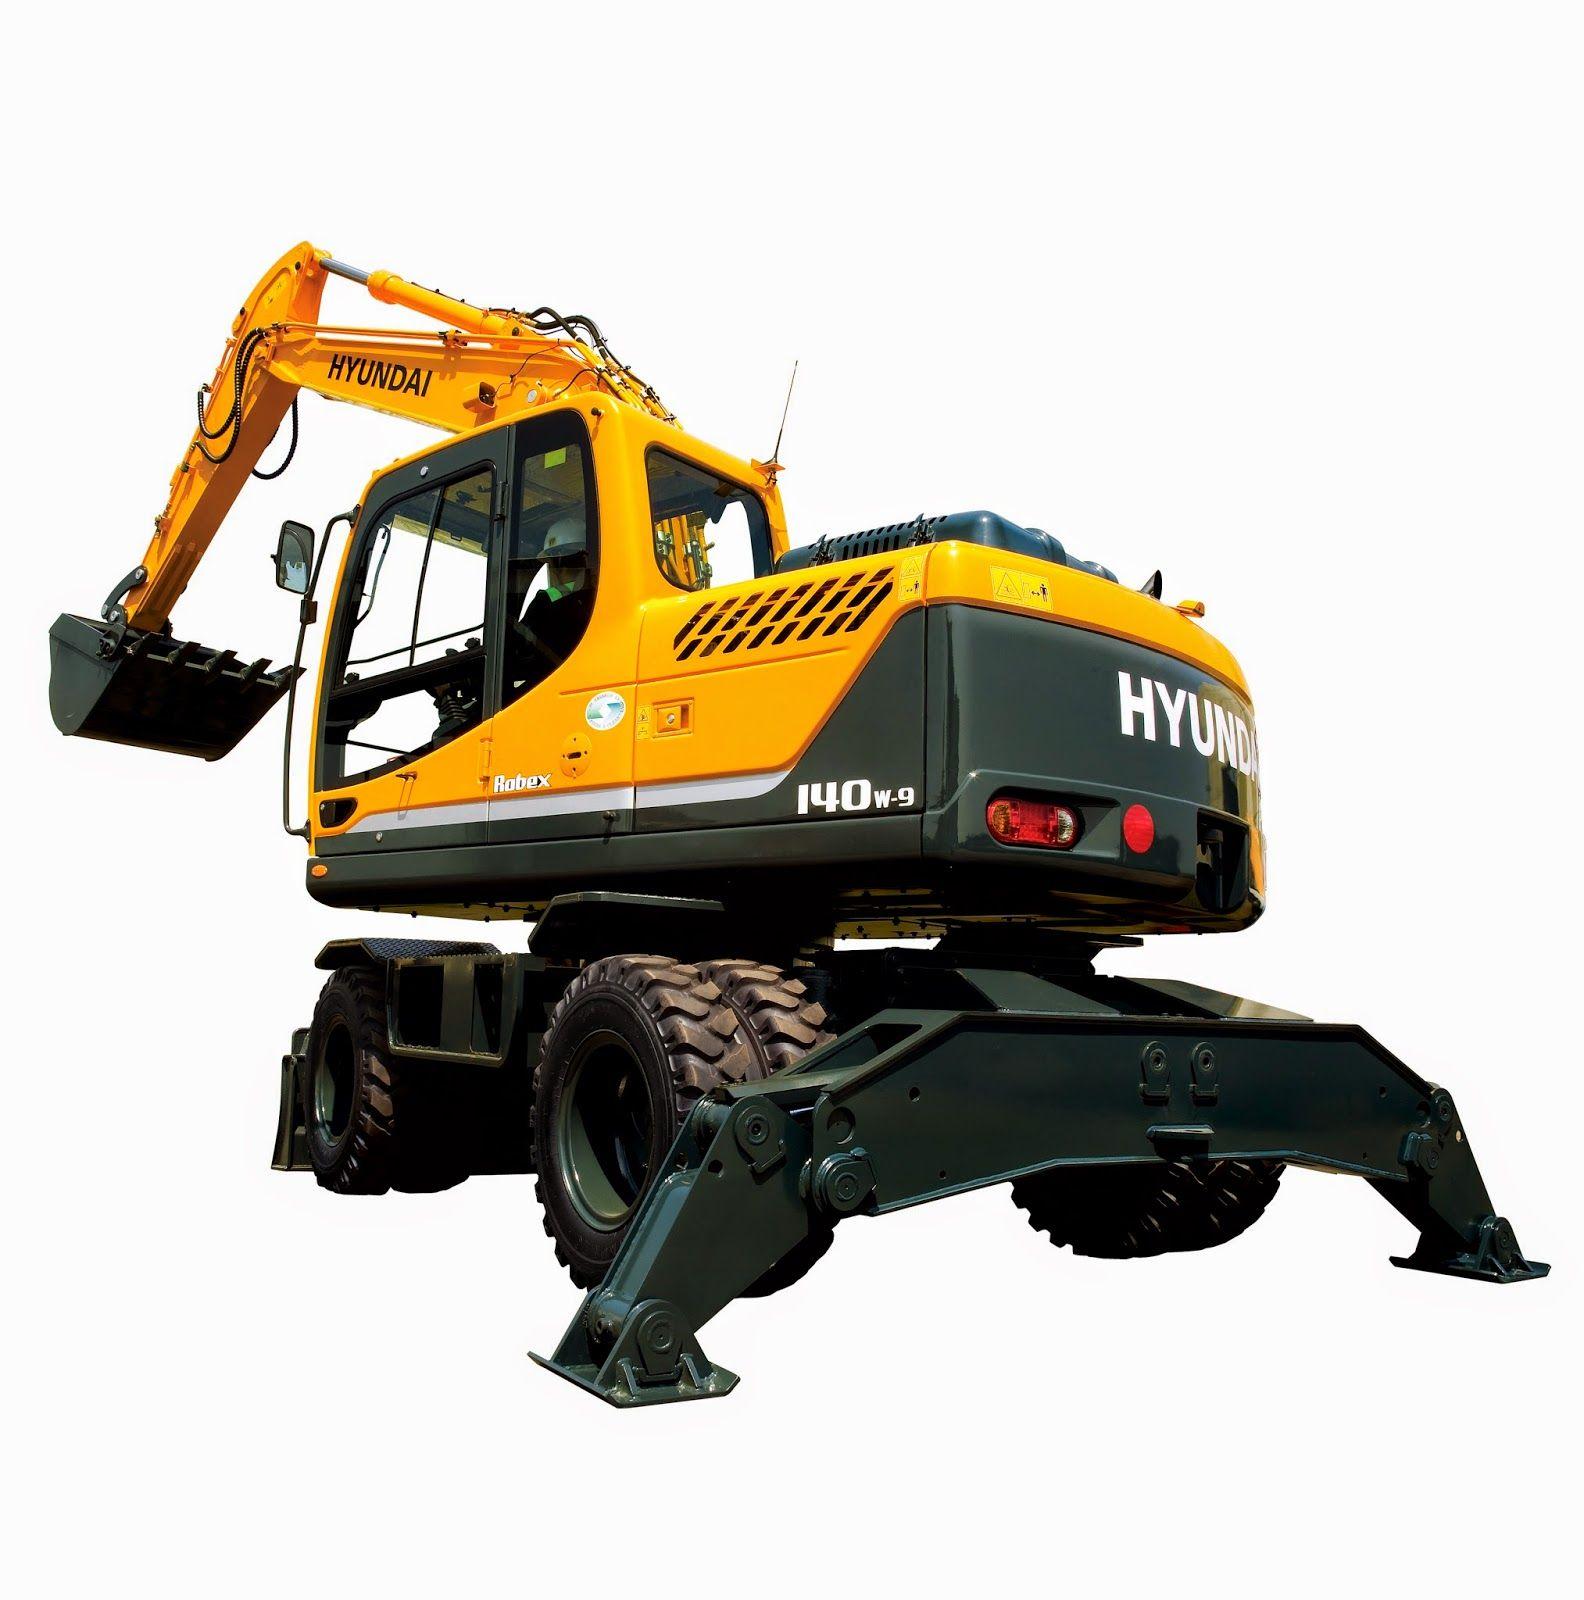 Hyundai Excavators R140w-9